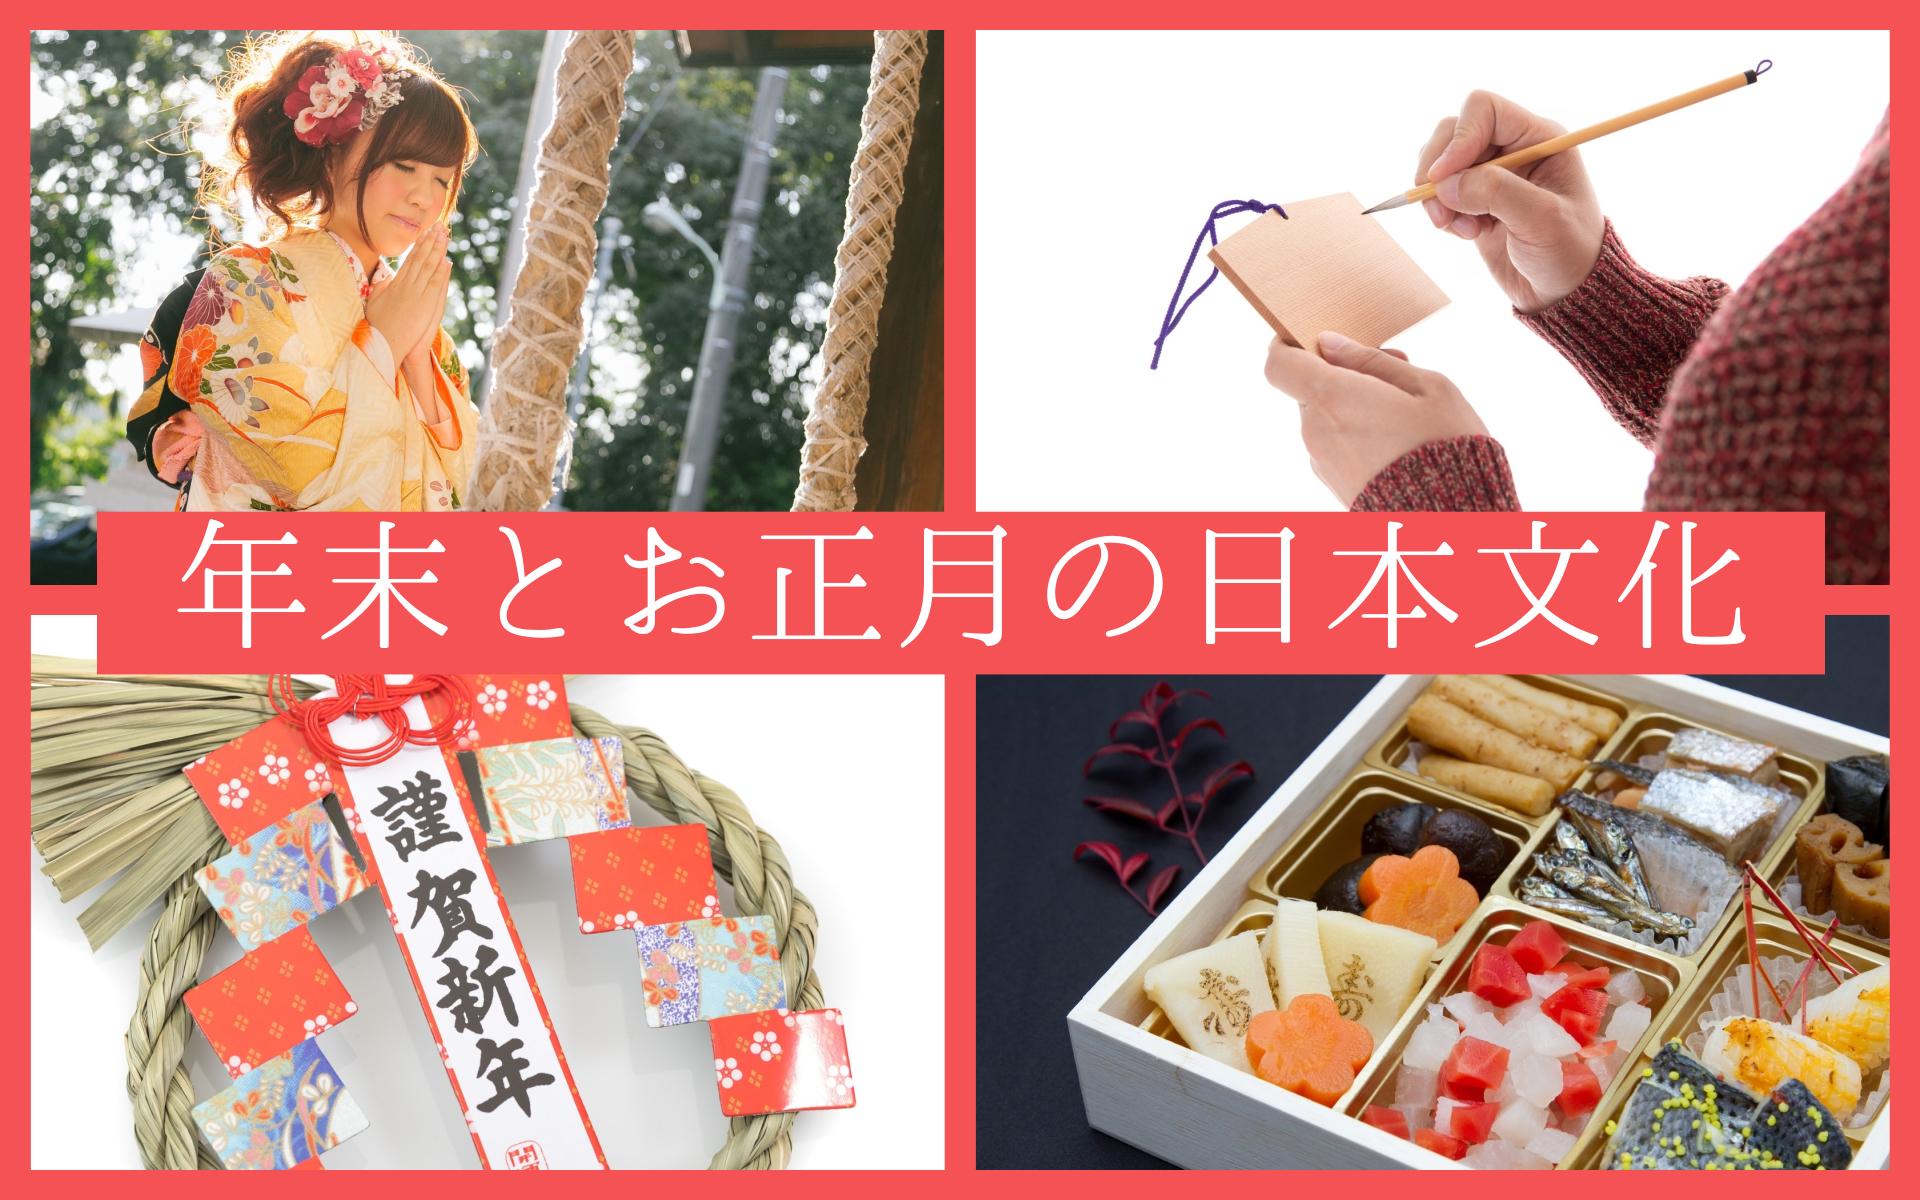 知っておきたい大人の教養【年末とお正月の日本文化】まとめ